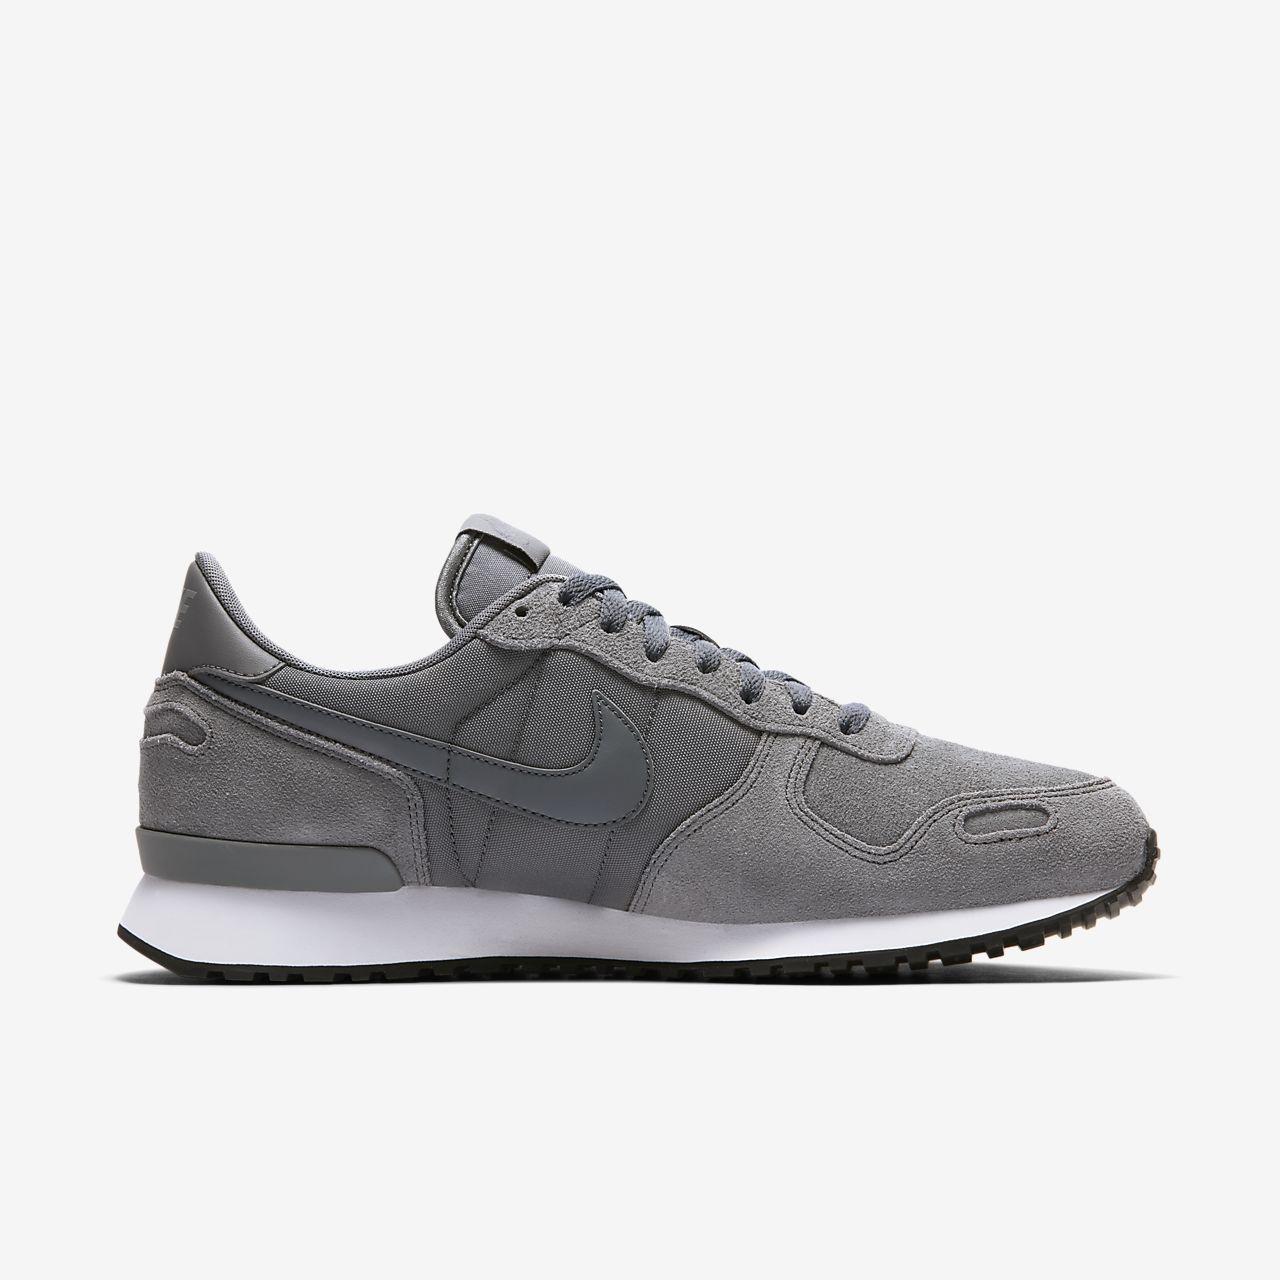 los angeles f3b61 bb71c ... Nike Air Vortex Mens Shoe